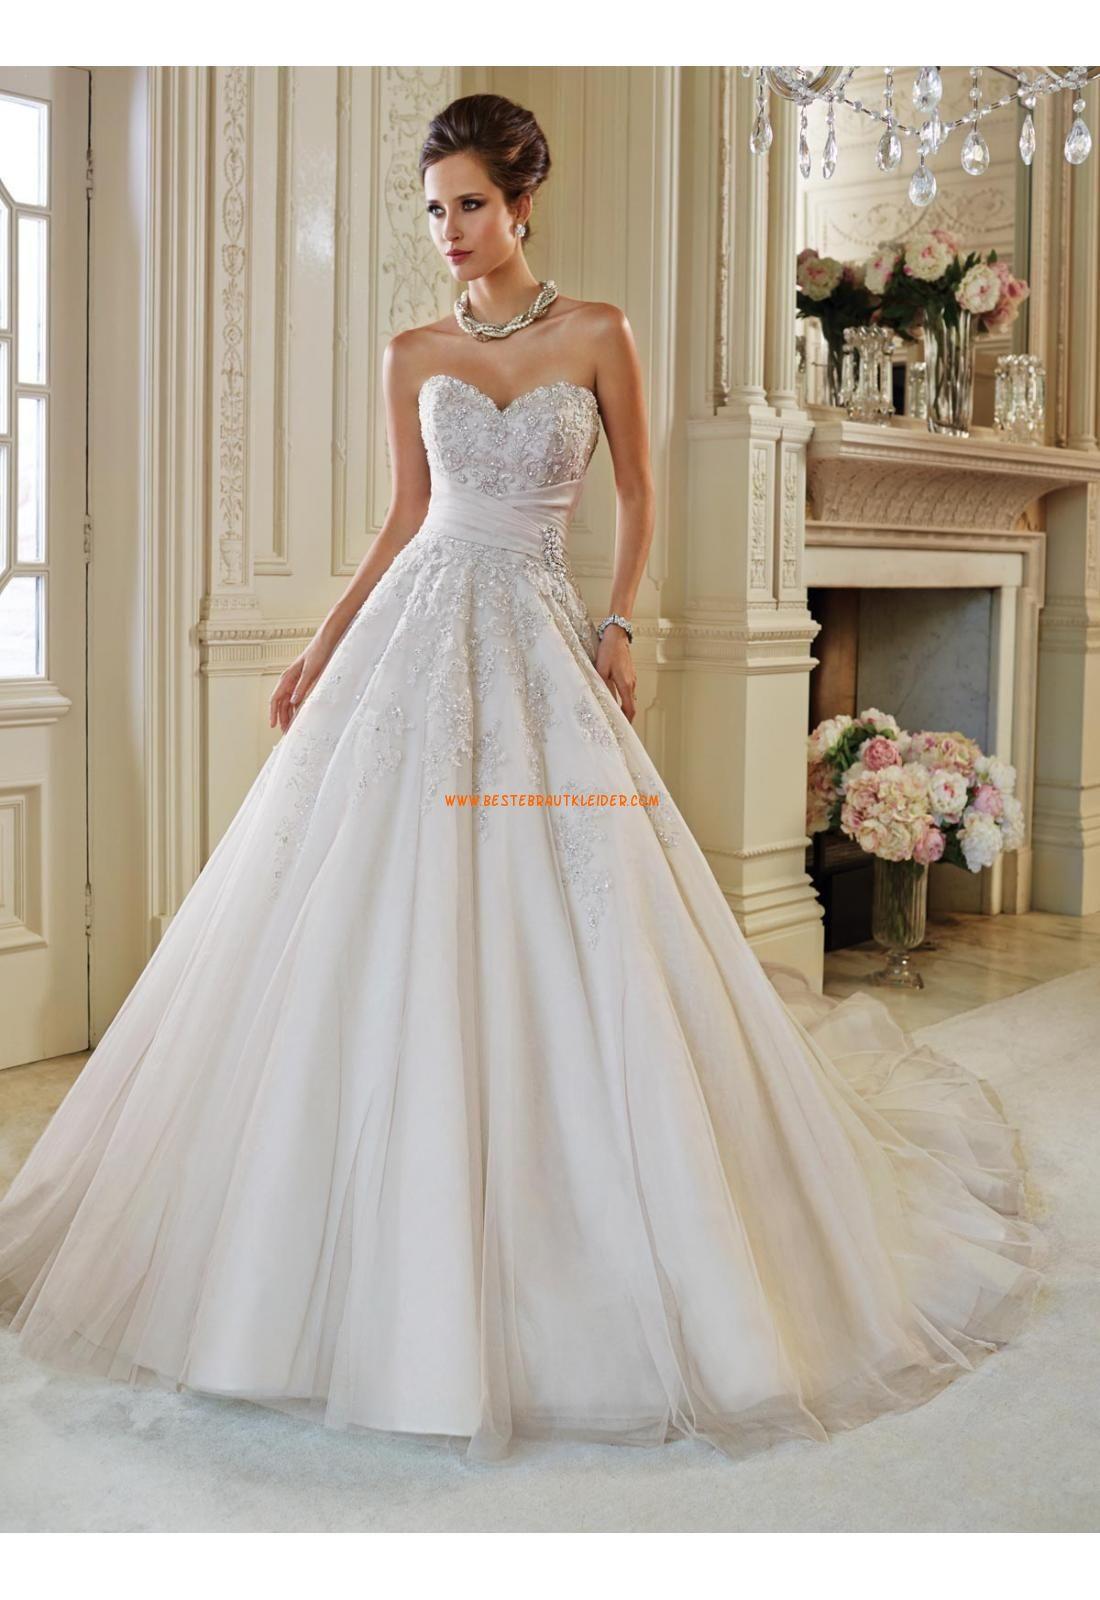 Herz-ausschnitt Luxuriöse Trendige Brautkleider aus Organza mit ...